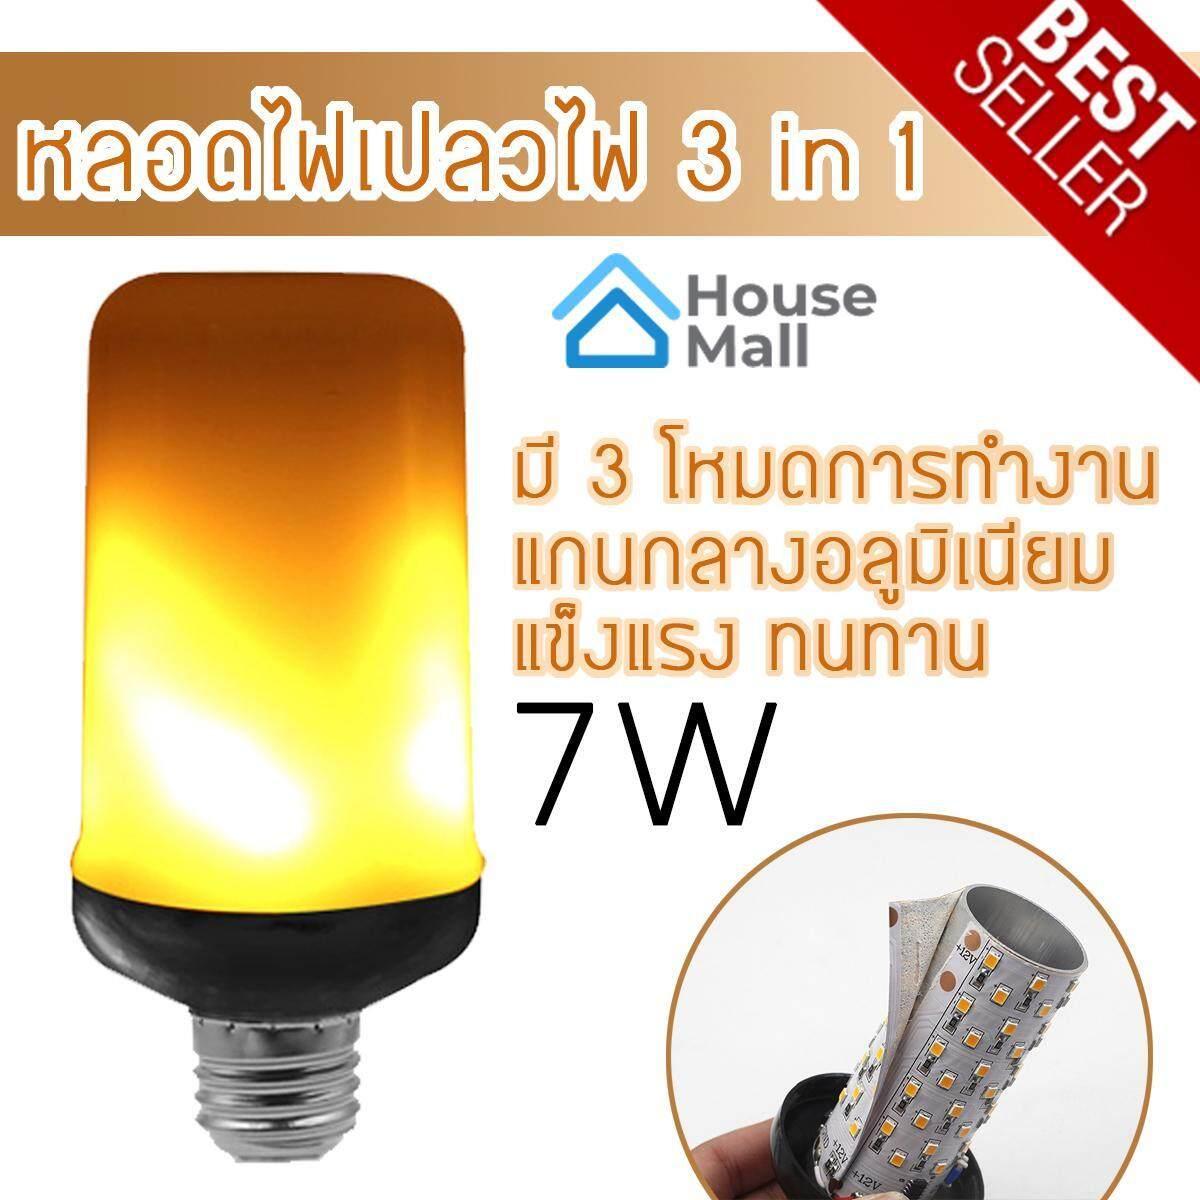 แสงไฟสีส้ม หลอดไฟเปลวไฟ 3in1 มีแกนอลูมิเนียมด้านในแข็งแรงทนทาน มี Gravity Sensor เปลวไฟกลับด้านเมื่อควํ่าหลอดไฟ Led Flame Bulb Fire Effect Light Bulb By Heng Home.